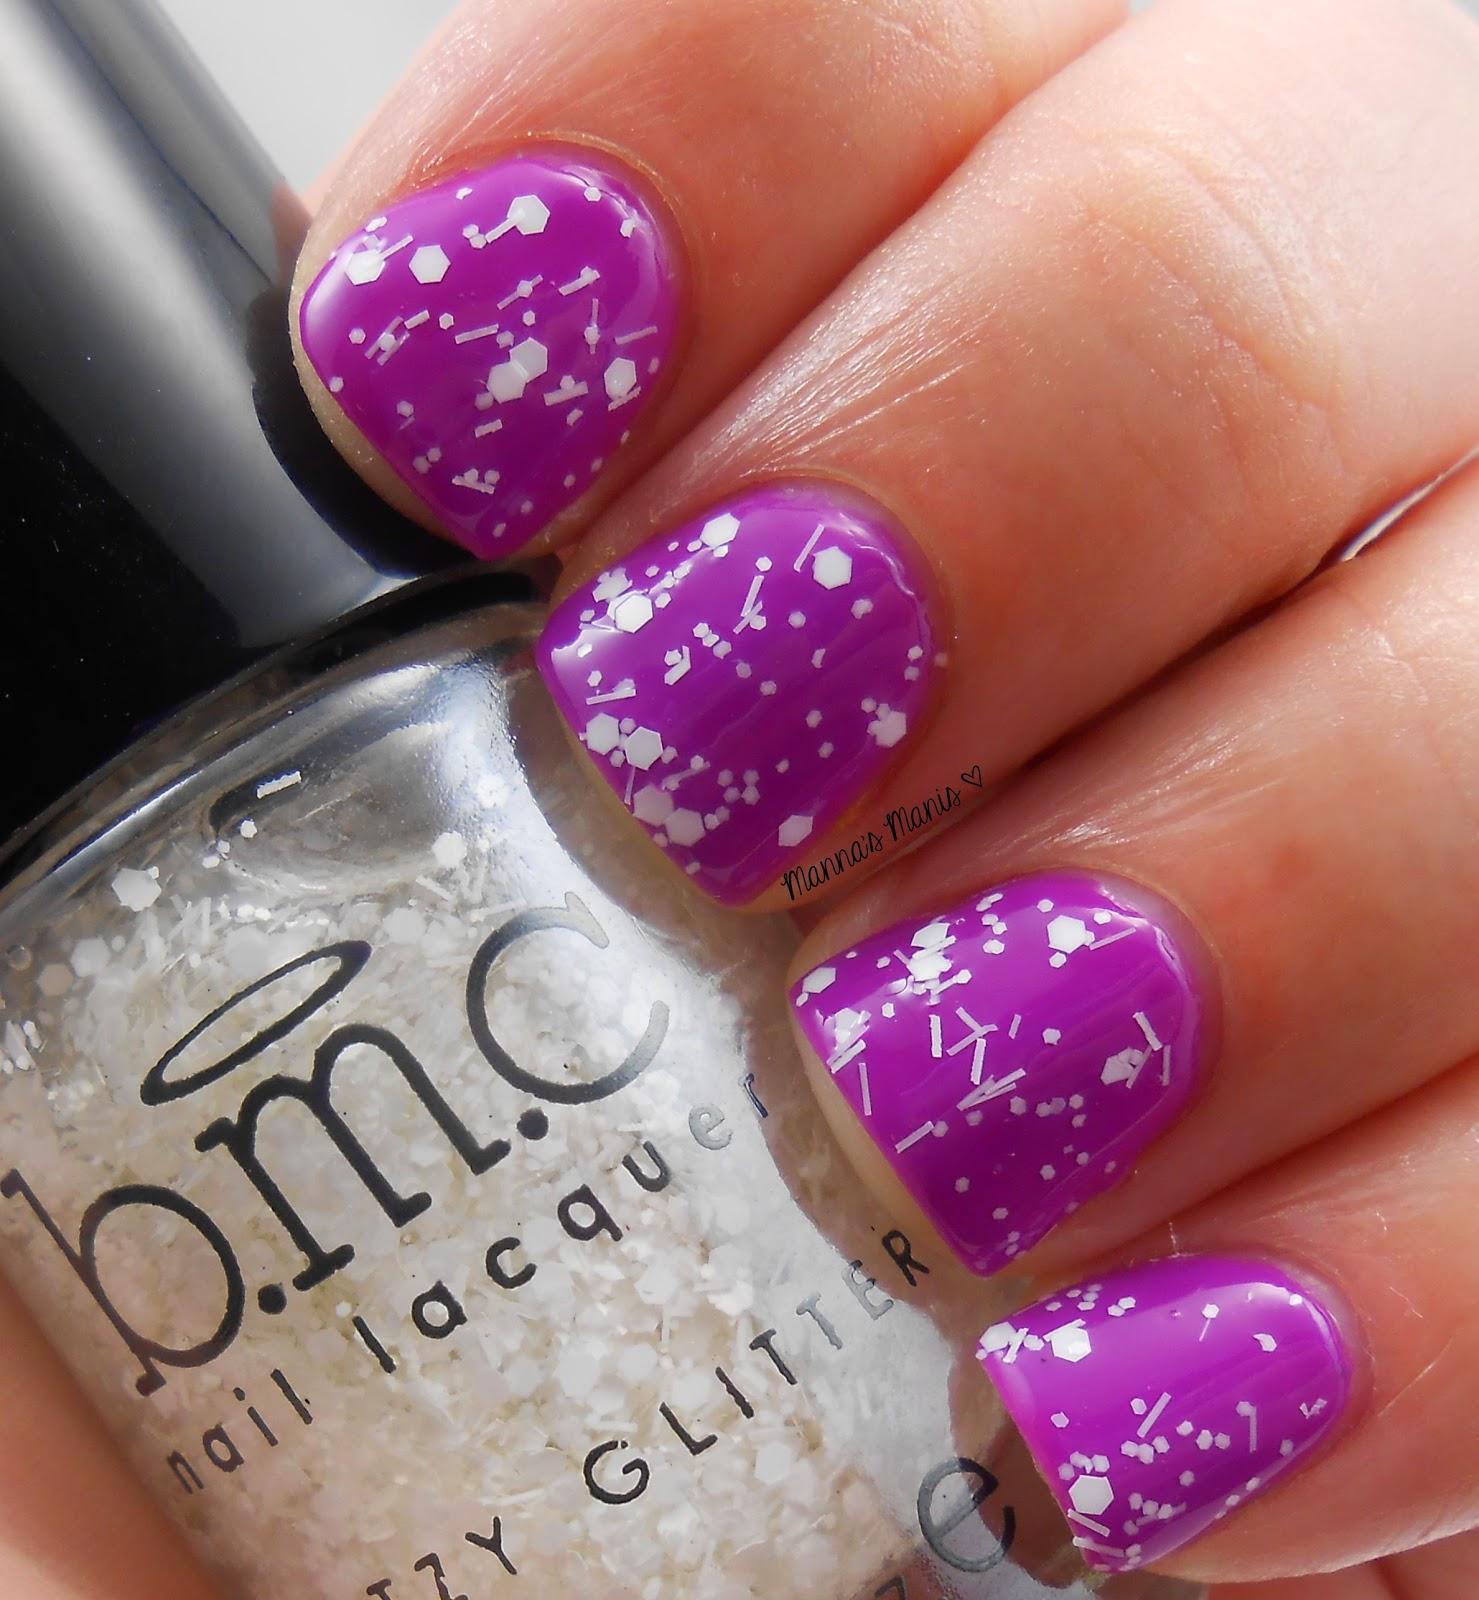 BMC champagne room, a white glitter nail polish